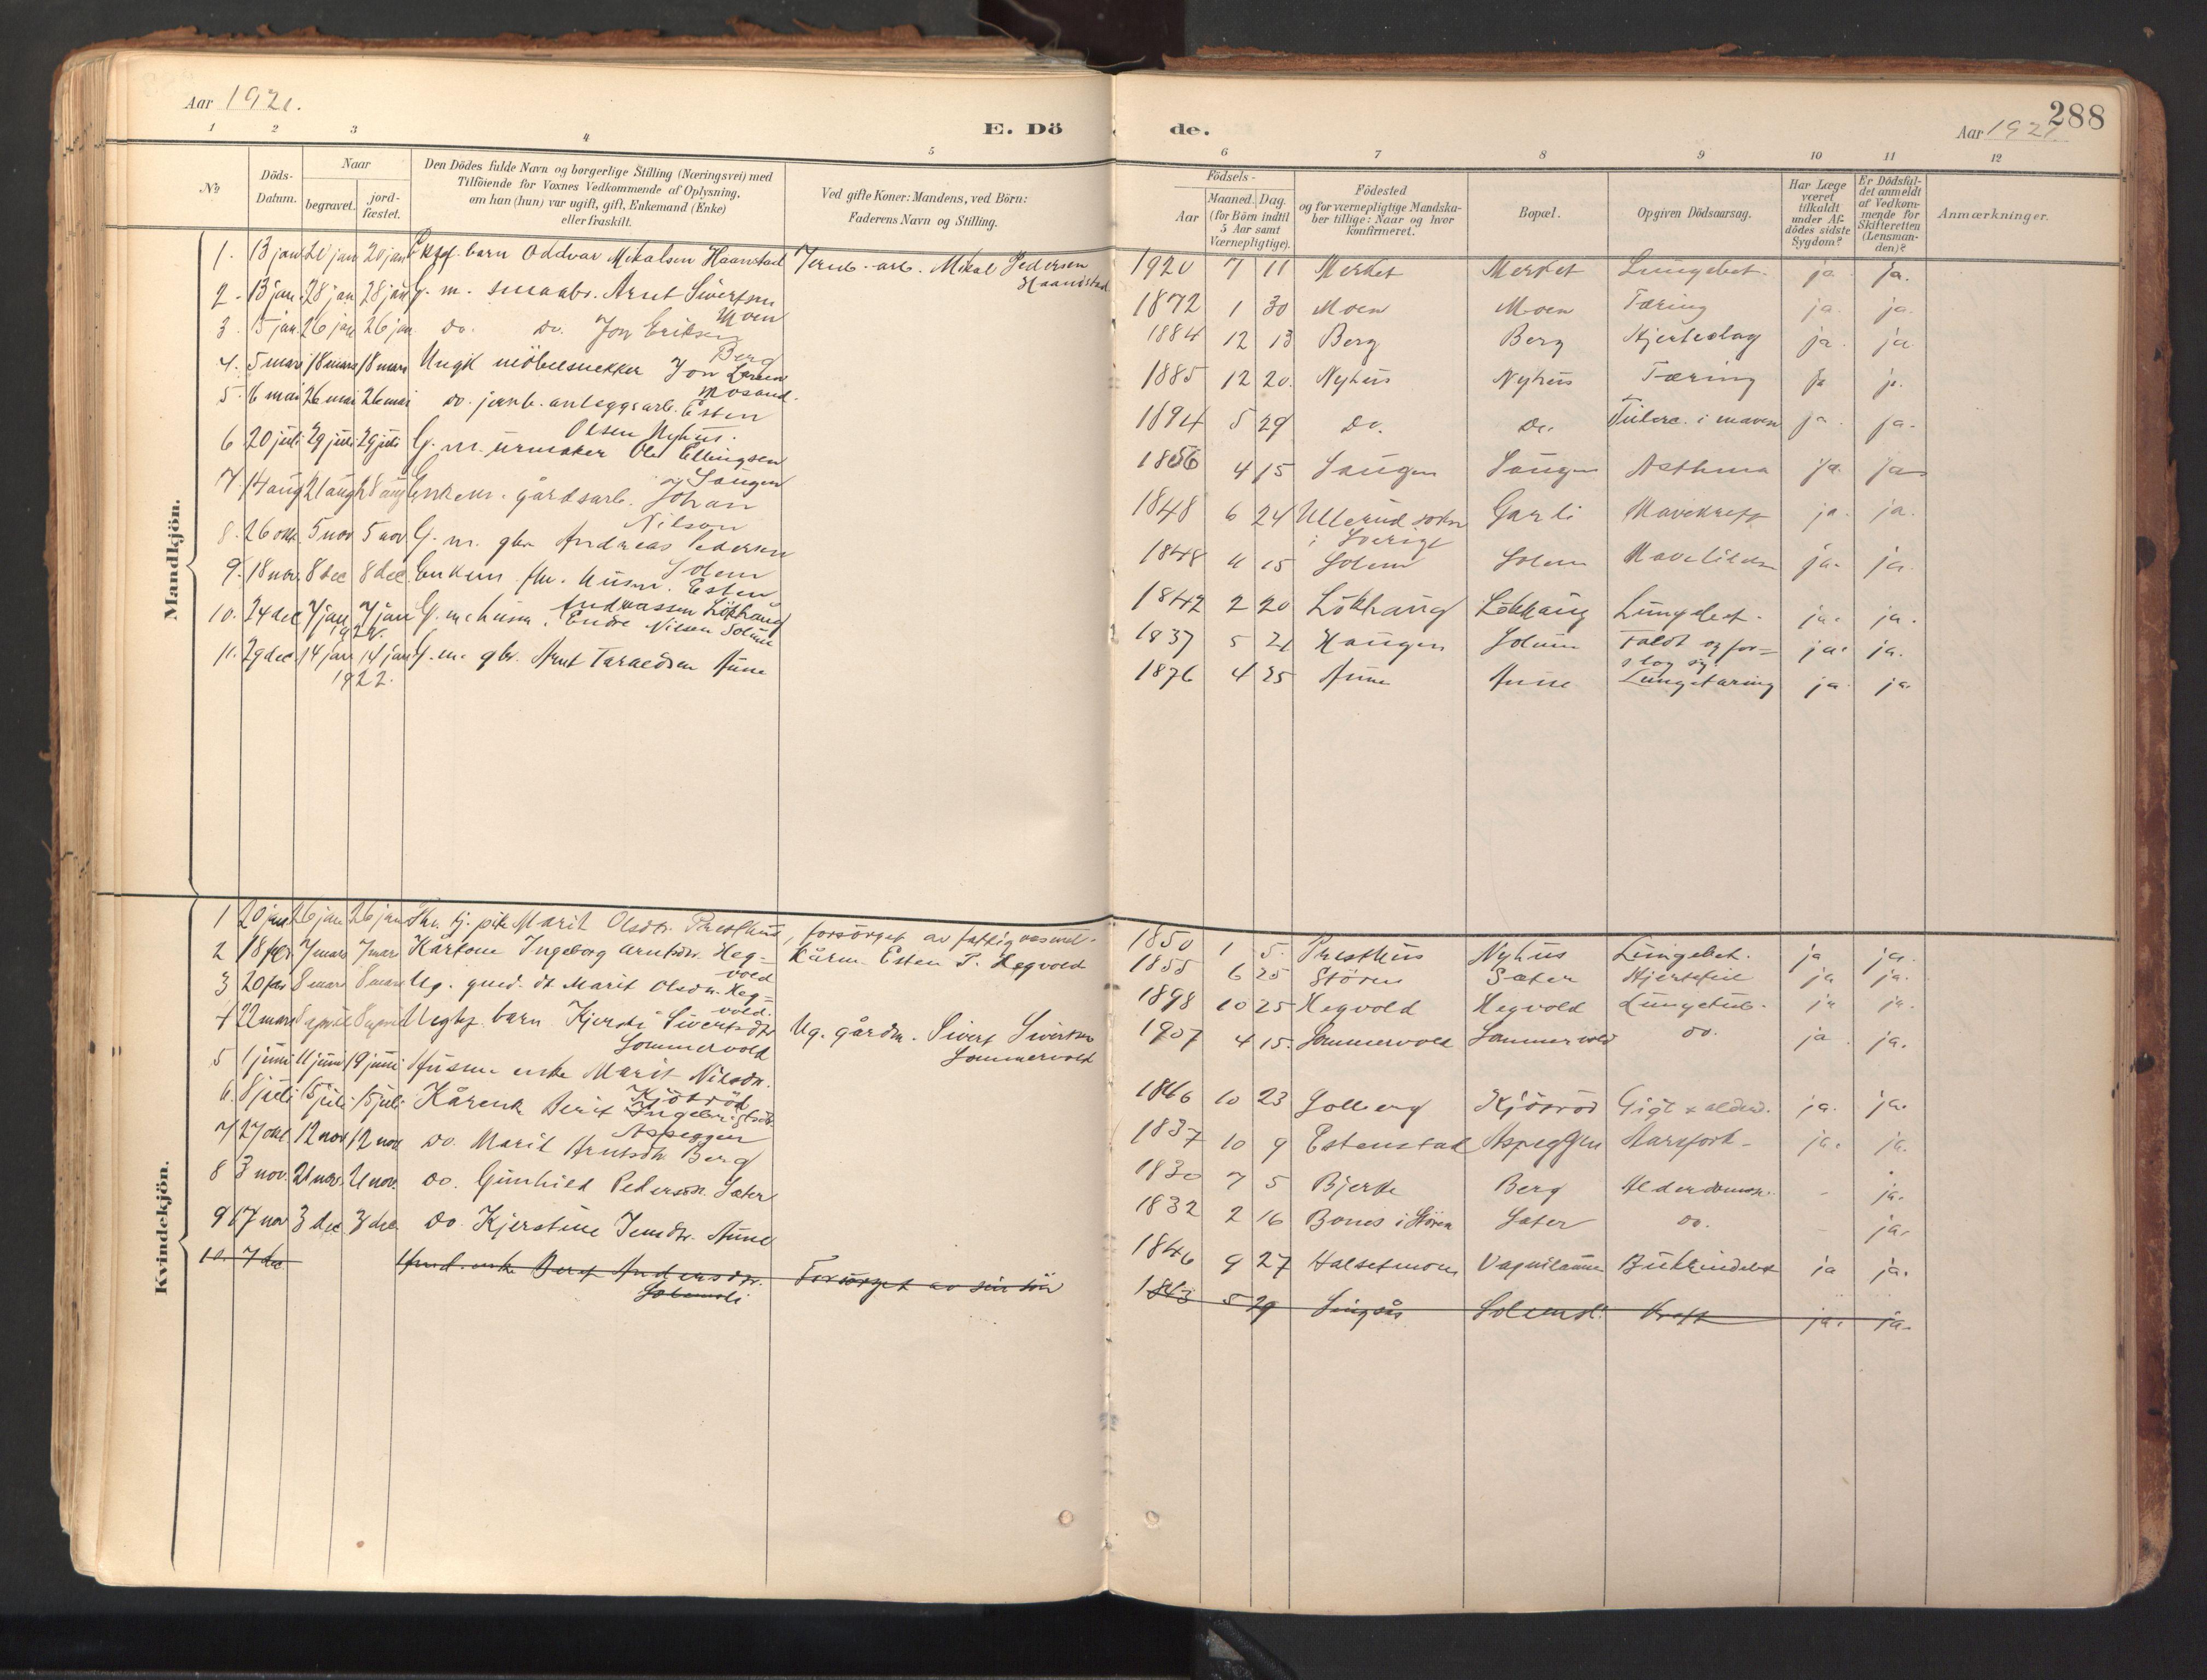 SAT, Ministerialprotokoller, klokkerbøker og fødselsregistre - Sør-Trøndelag, 689/L1041: Ministerialbok nr. 689A06, 1891-1923, s. 288